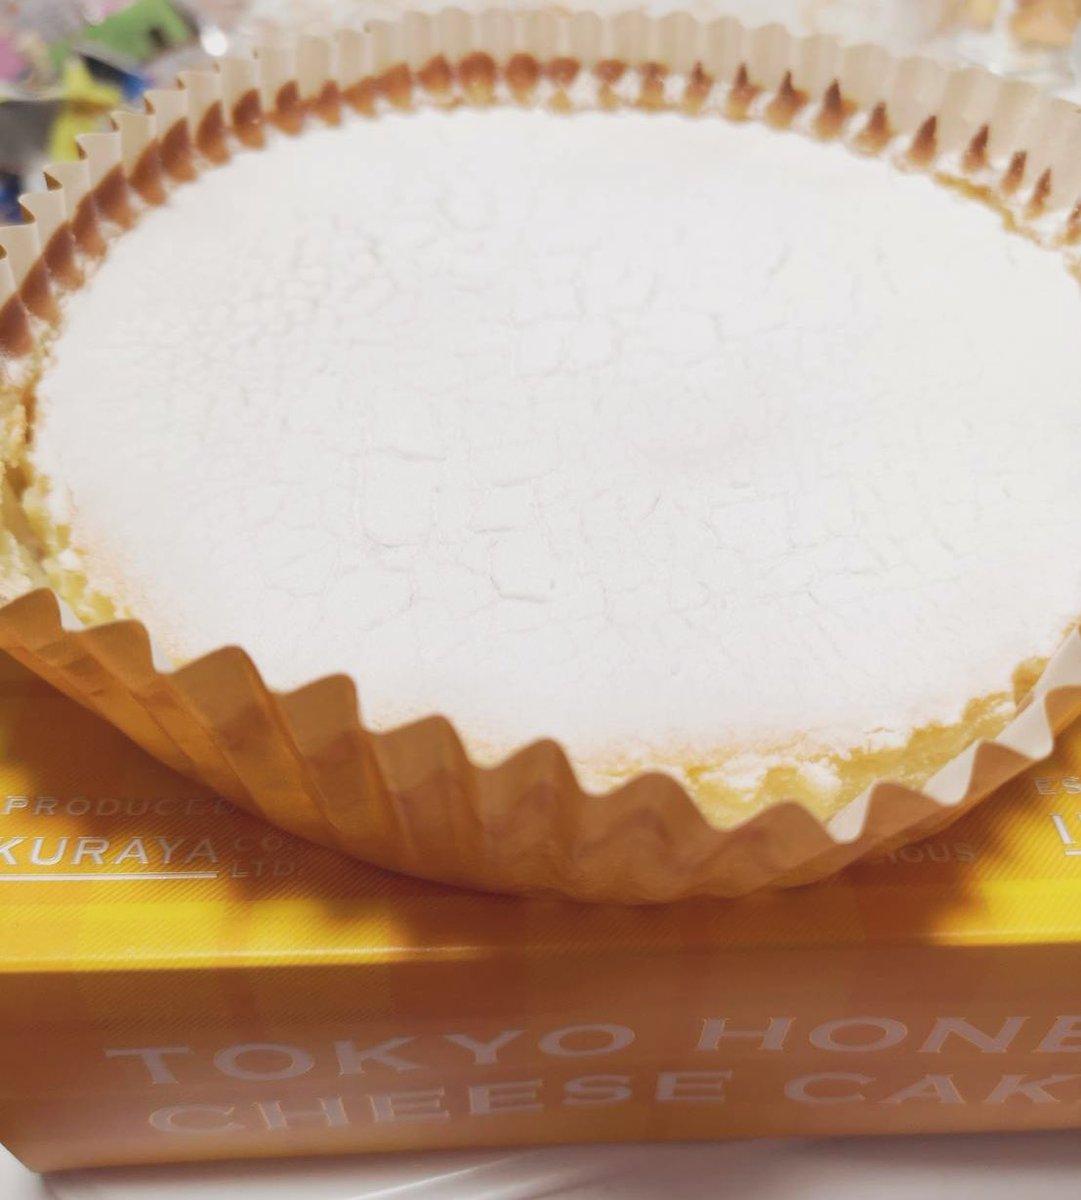 test ツイッターメディア - ソラマチで買ったチーズケーキが 美味しい🧀🍰🍴  チーズガーデンの御用邸チーズケーキと the御用邸を買ってみました✨  美味しいから実家にもギフト送りました❗喜んでくれるかな?? https://t.co/x4Iuuu8lxR